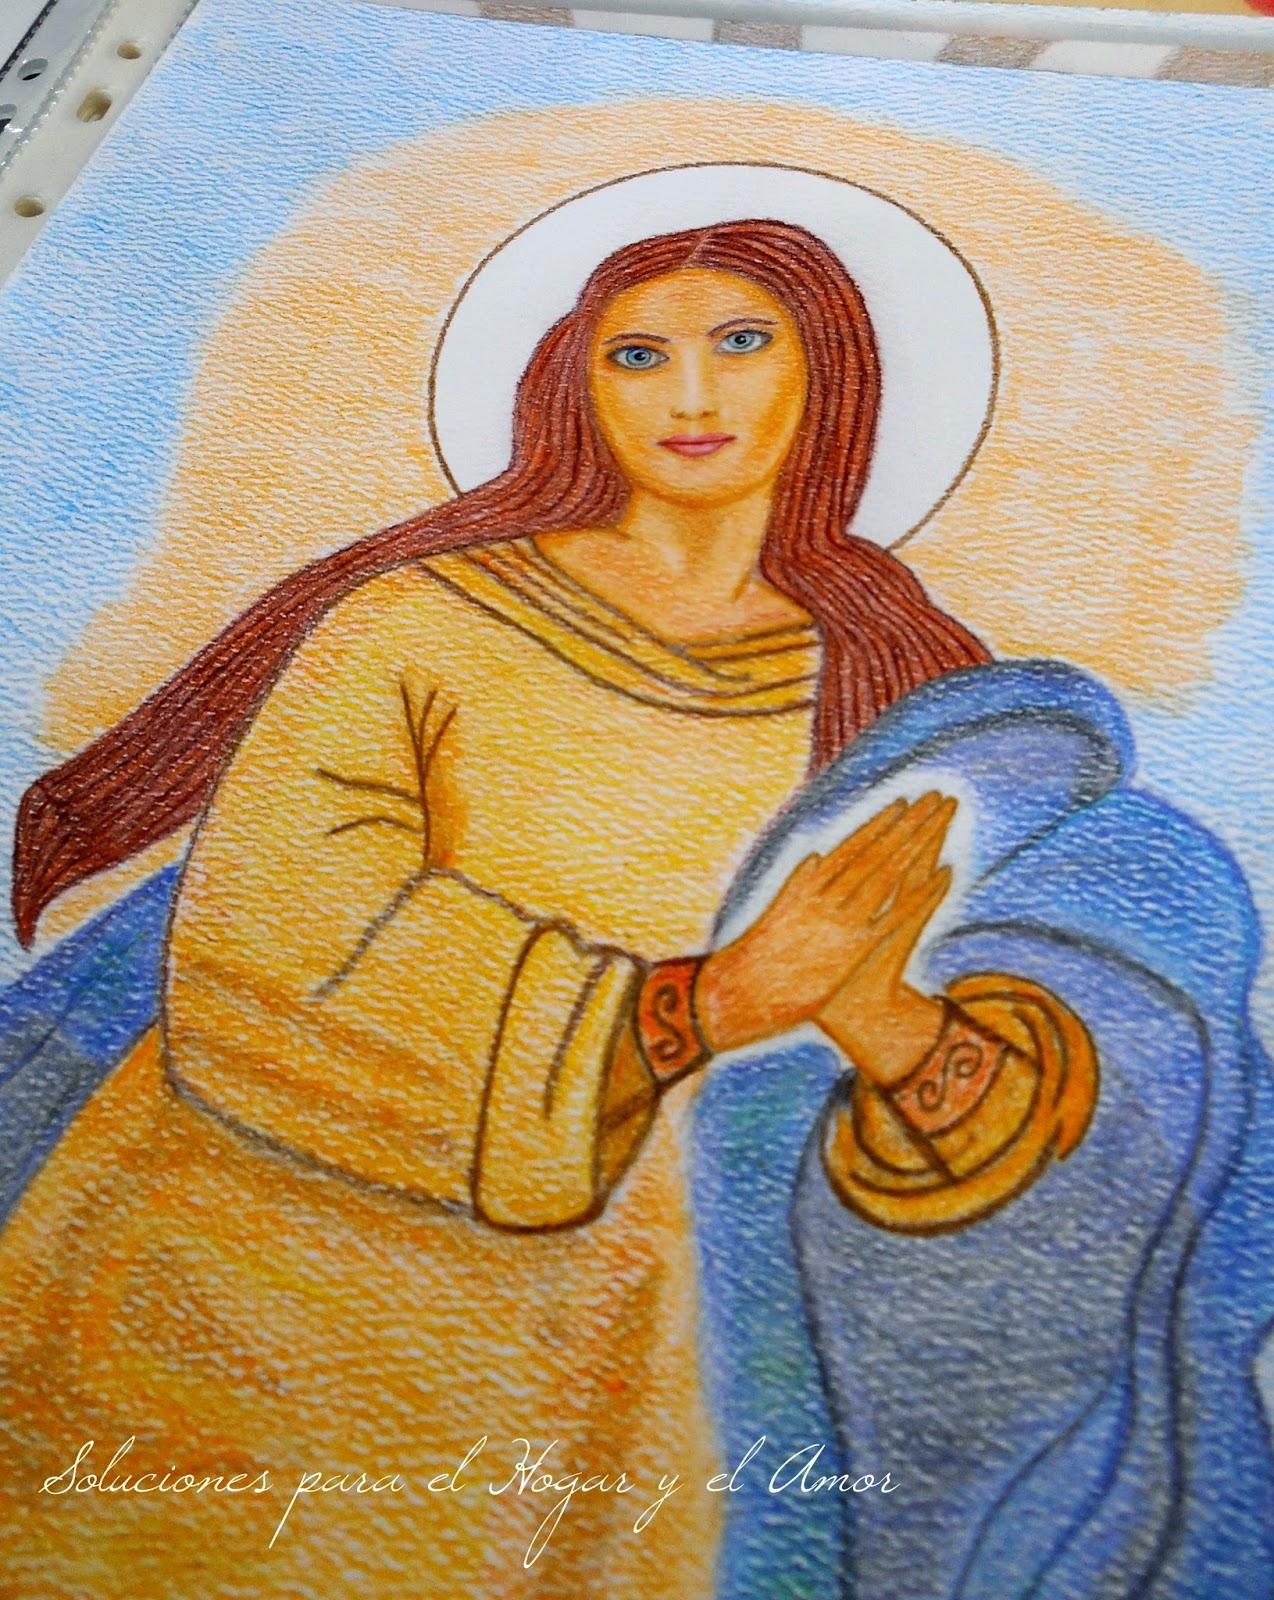 Mis Lápices y Dibujos, Asunción de María, Icono religioso